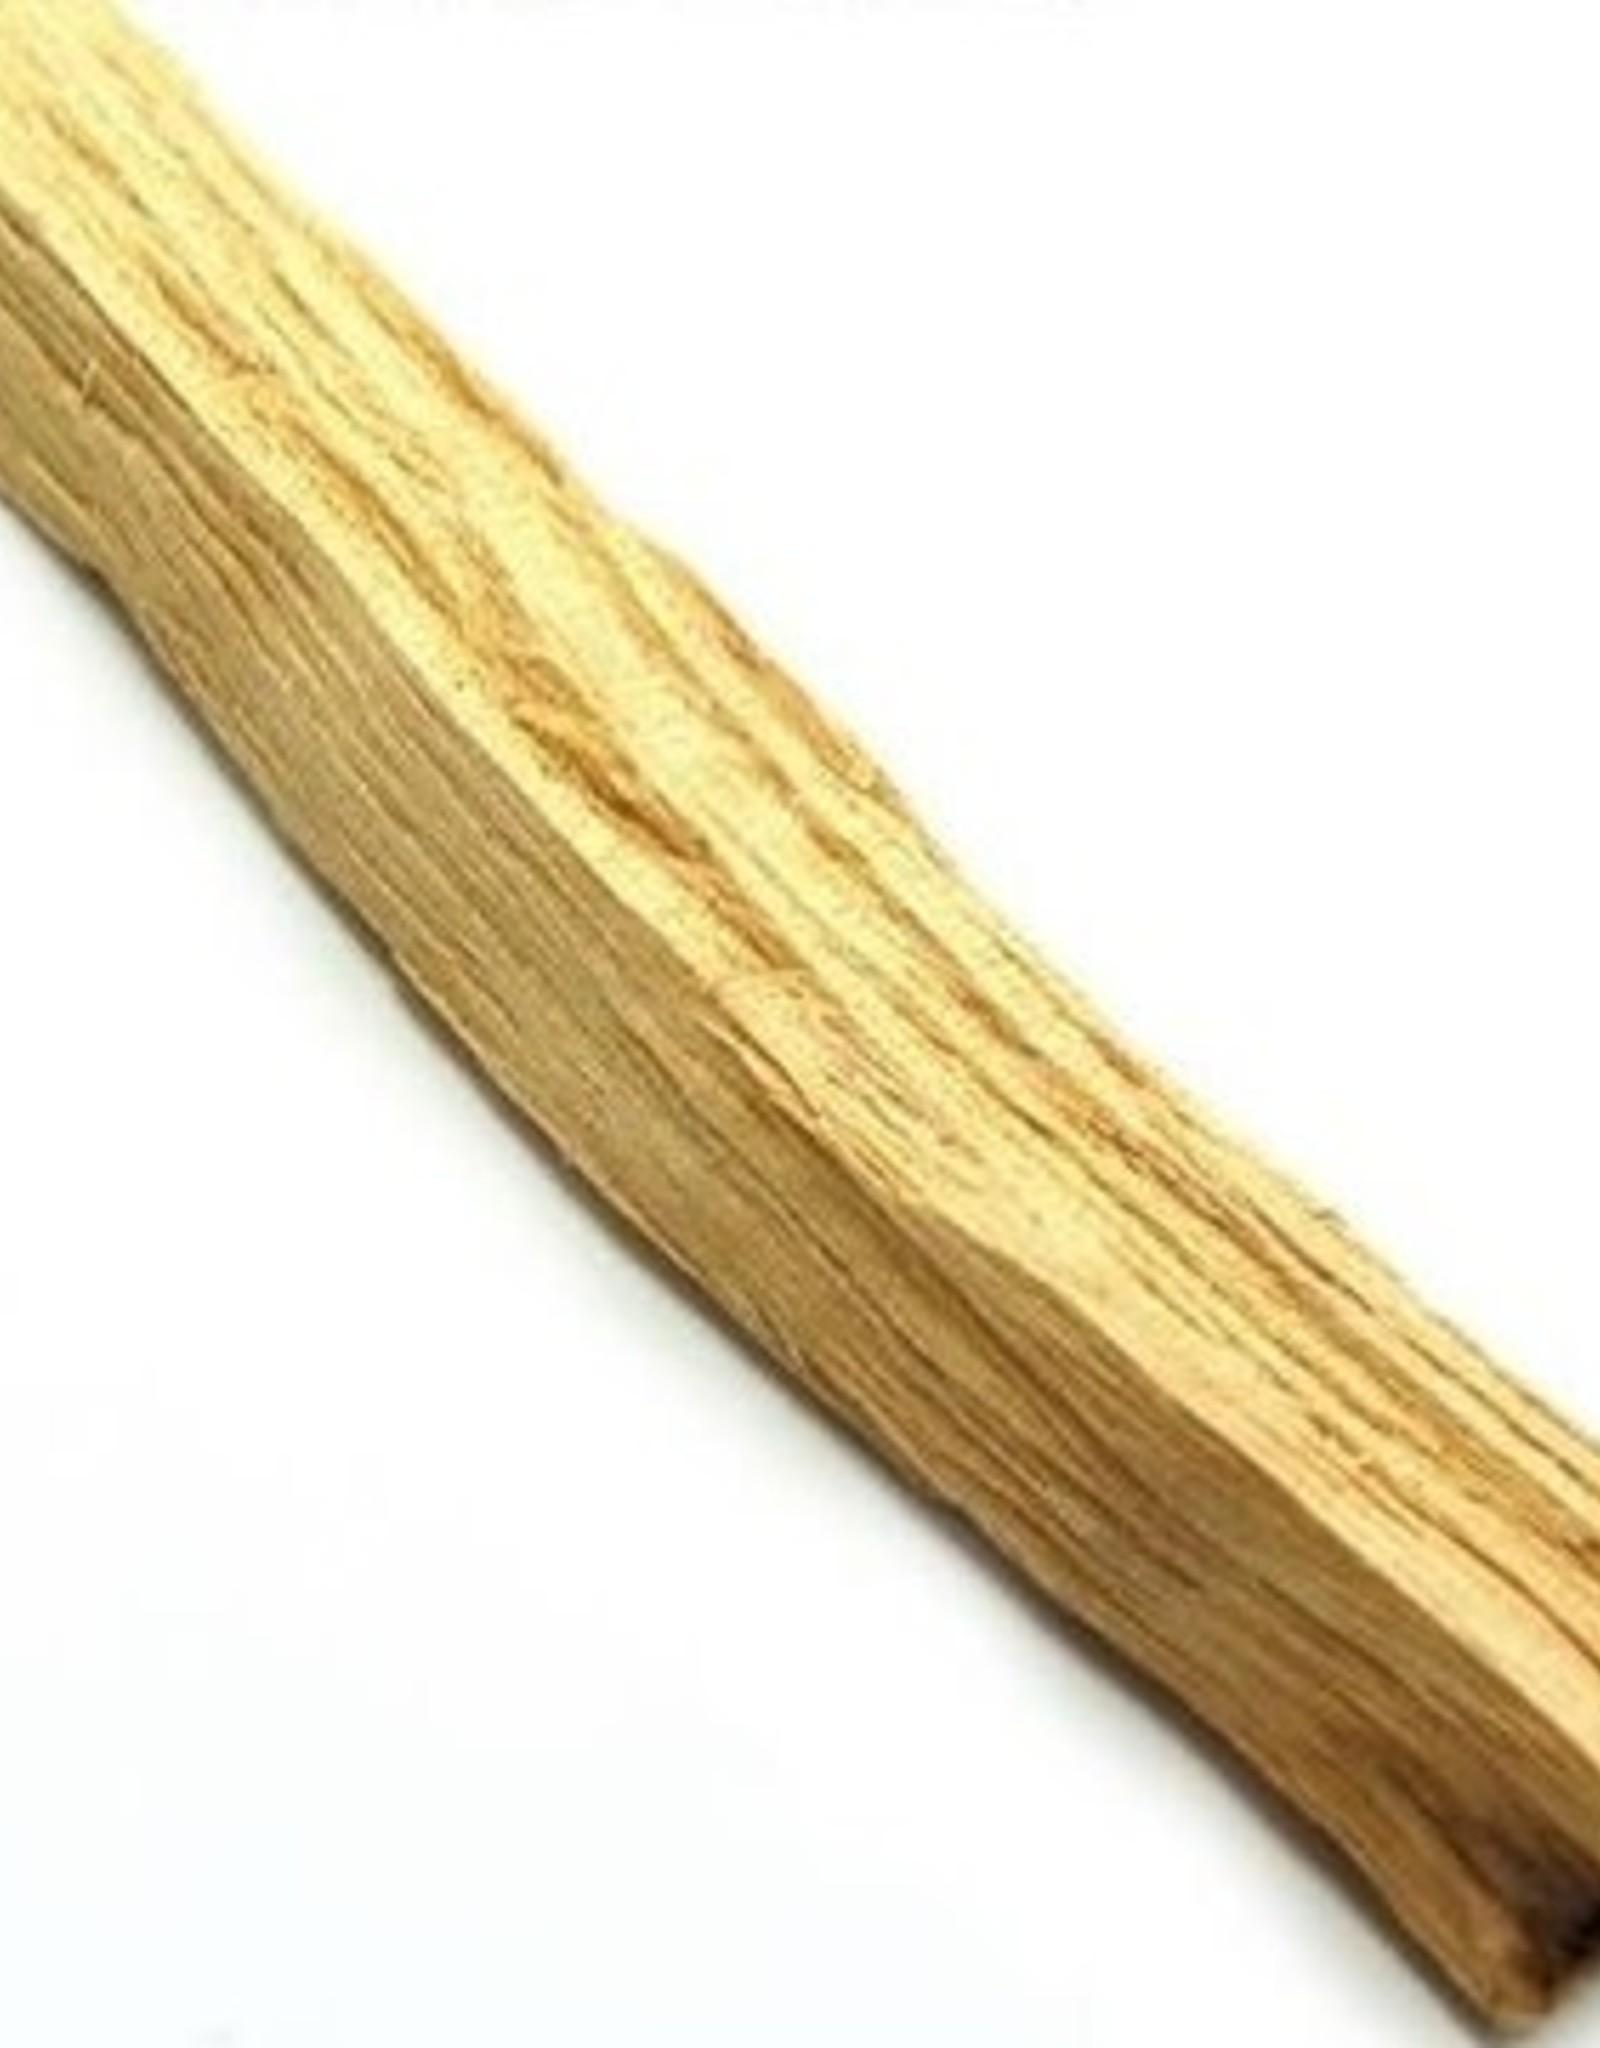 Polo Santo Wood Incense Small